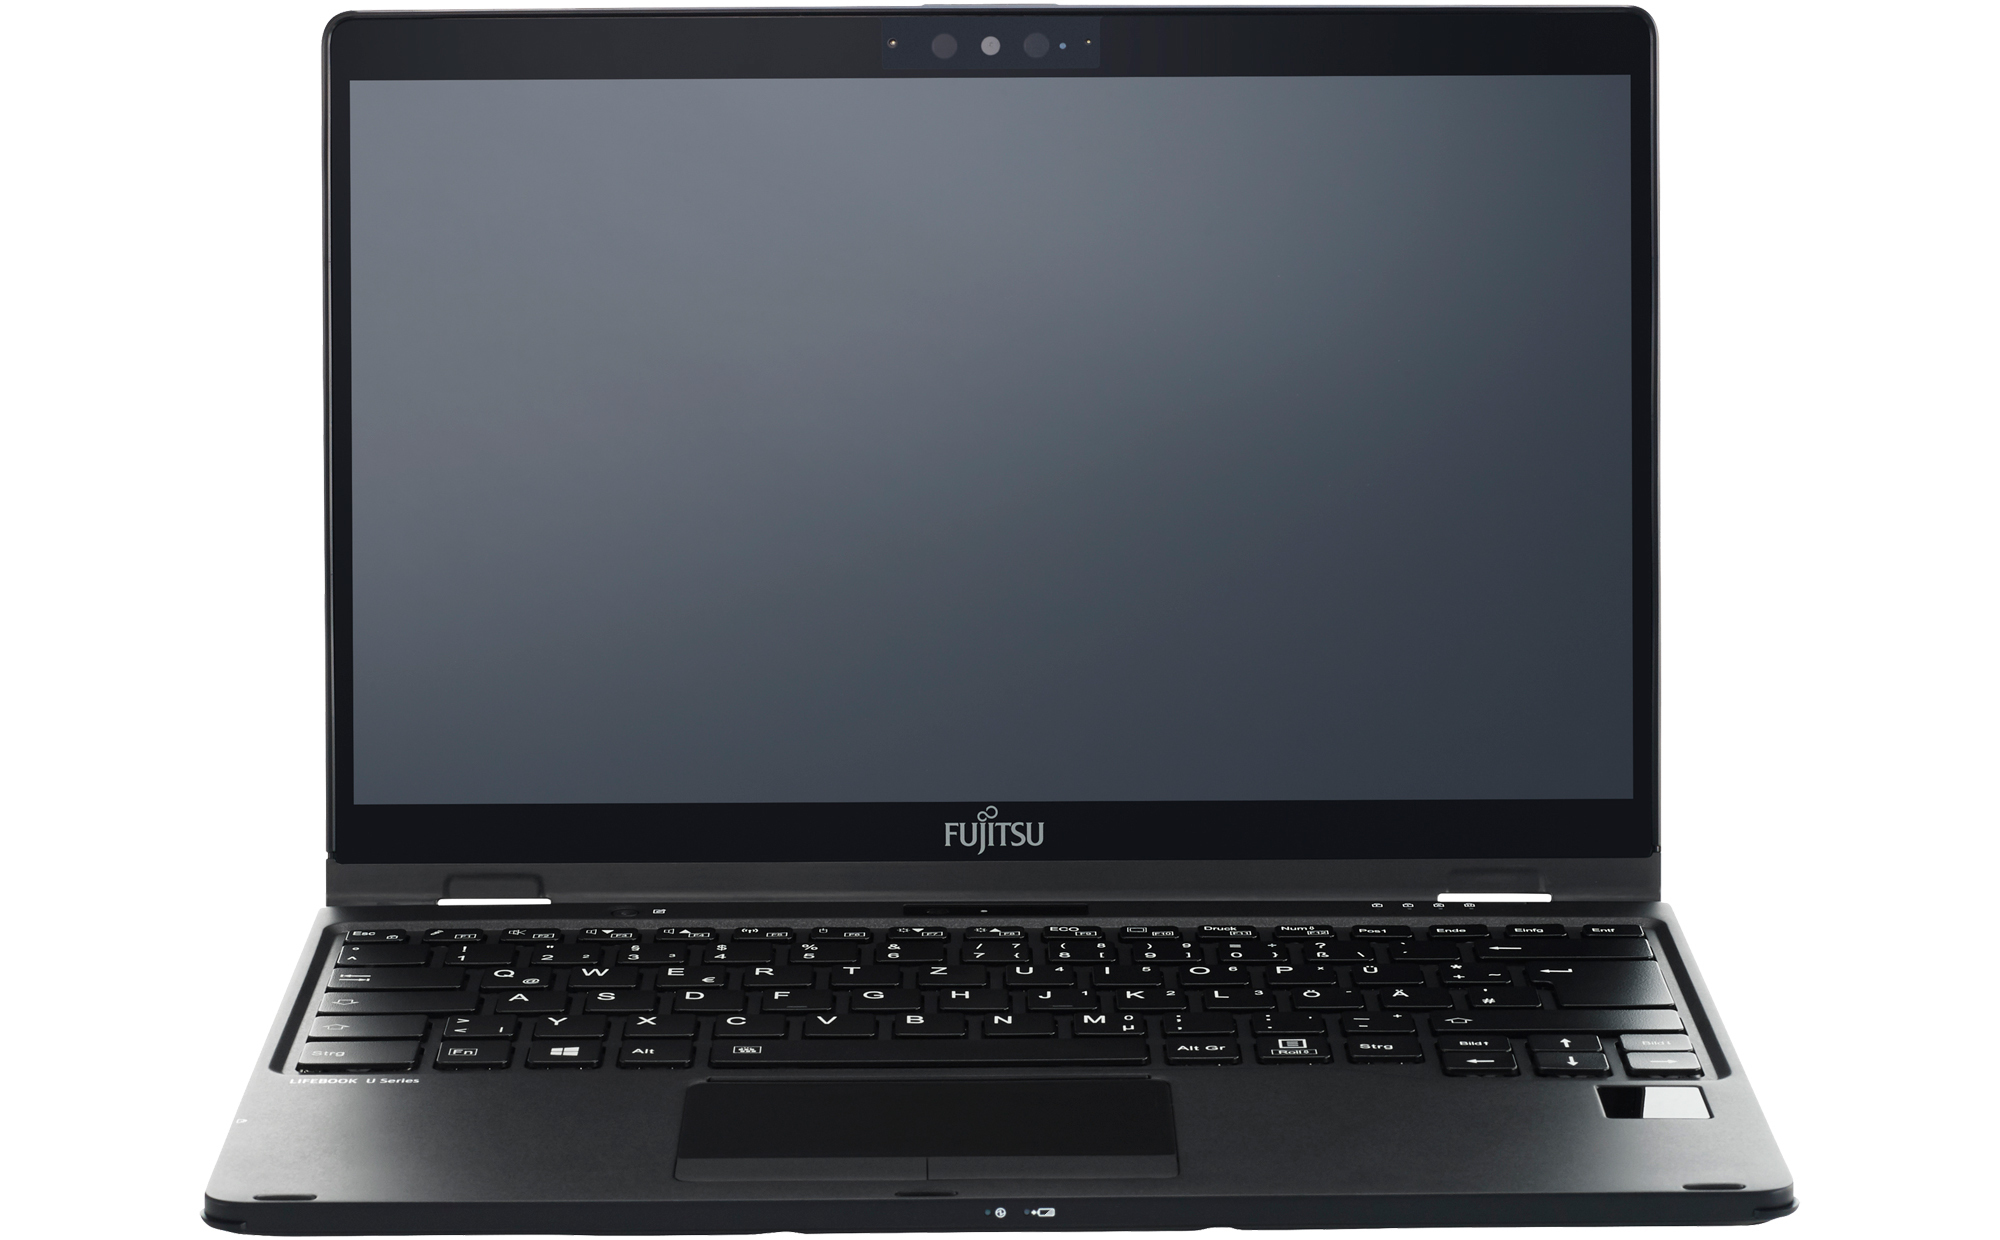 Fujitsu Lifebook U9310X FHD i5-10210U 8GB 256GBSSD BL W10P - Core i5 - 256 GB